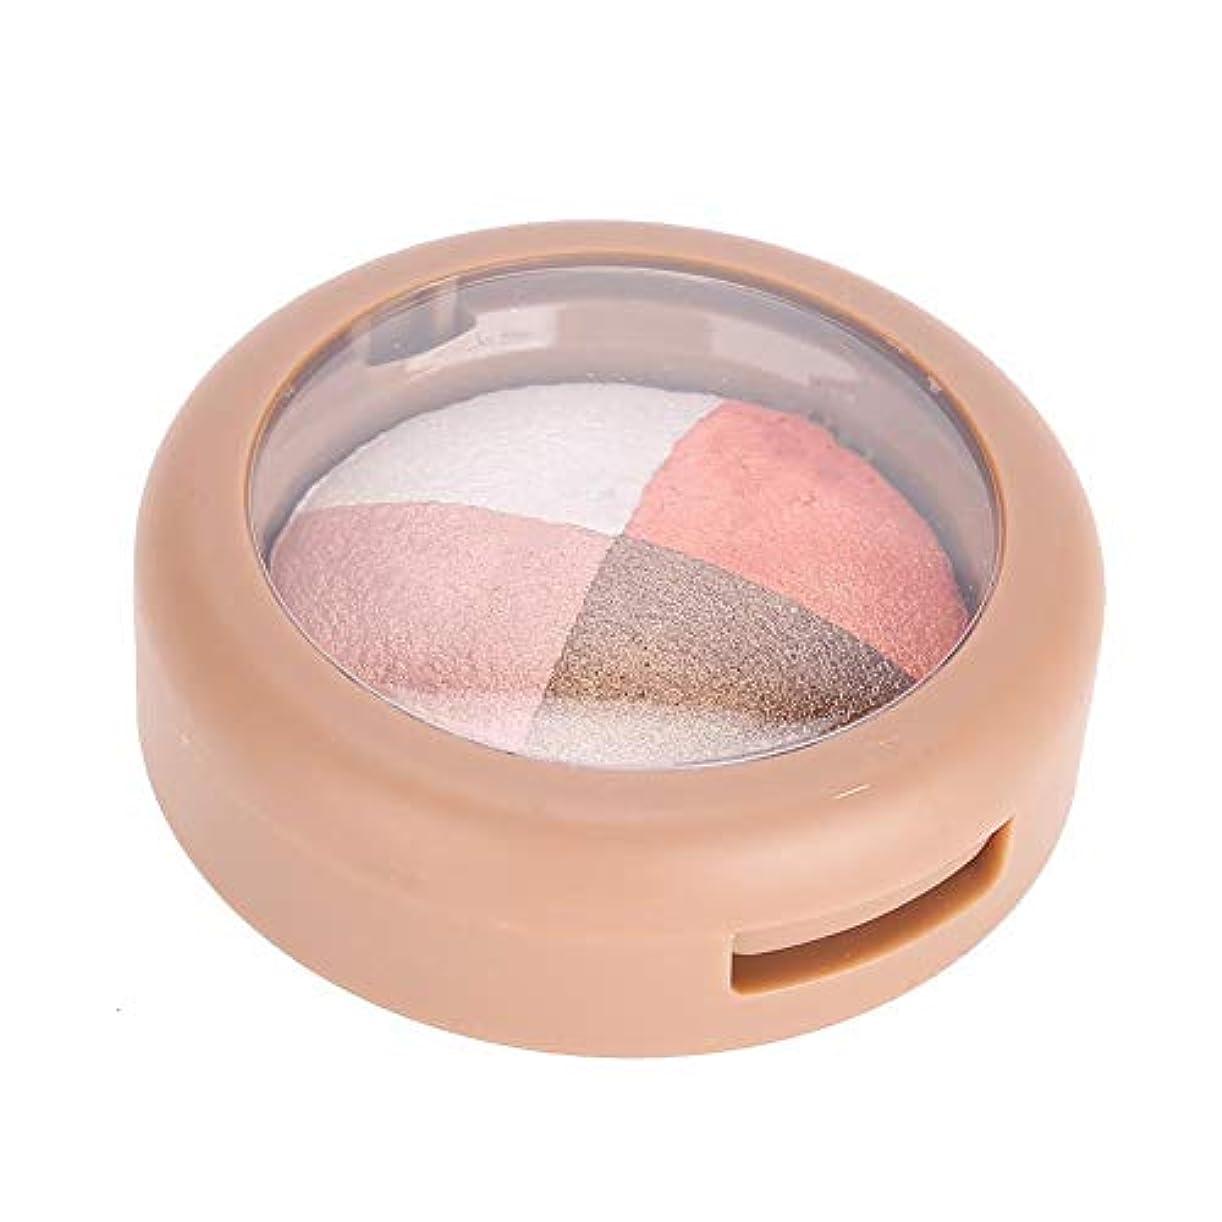 酸度ミシンビリーヤギアイシャドウパレット 4色 アイシャドウ高度に着色された目メイク長期的な防水アイシャドウパウダー化粧品(4#)